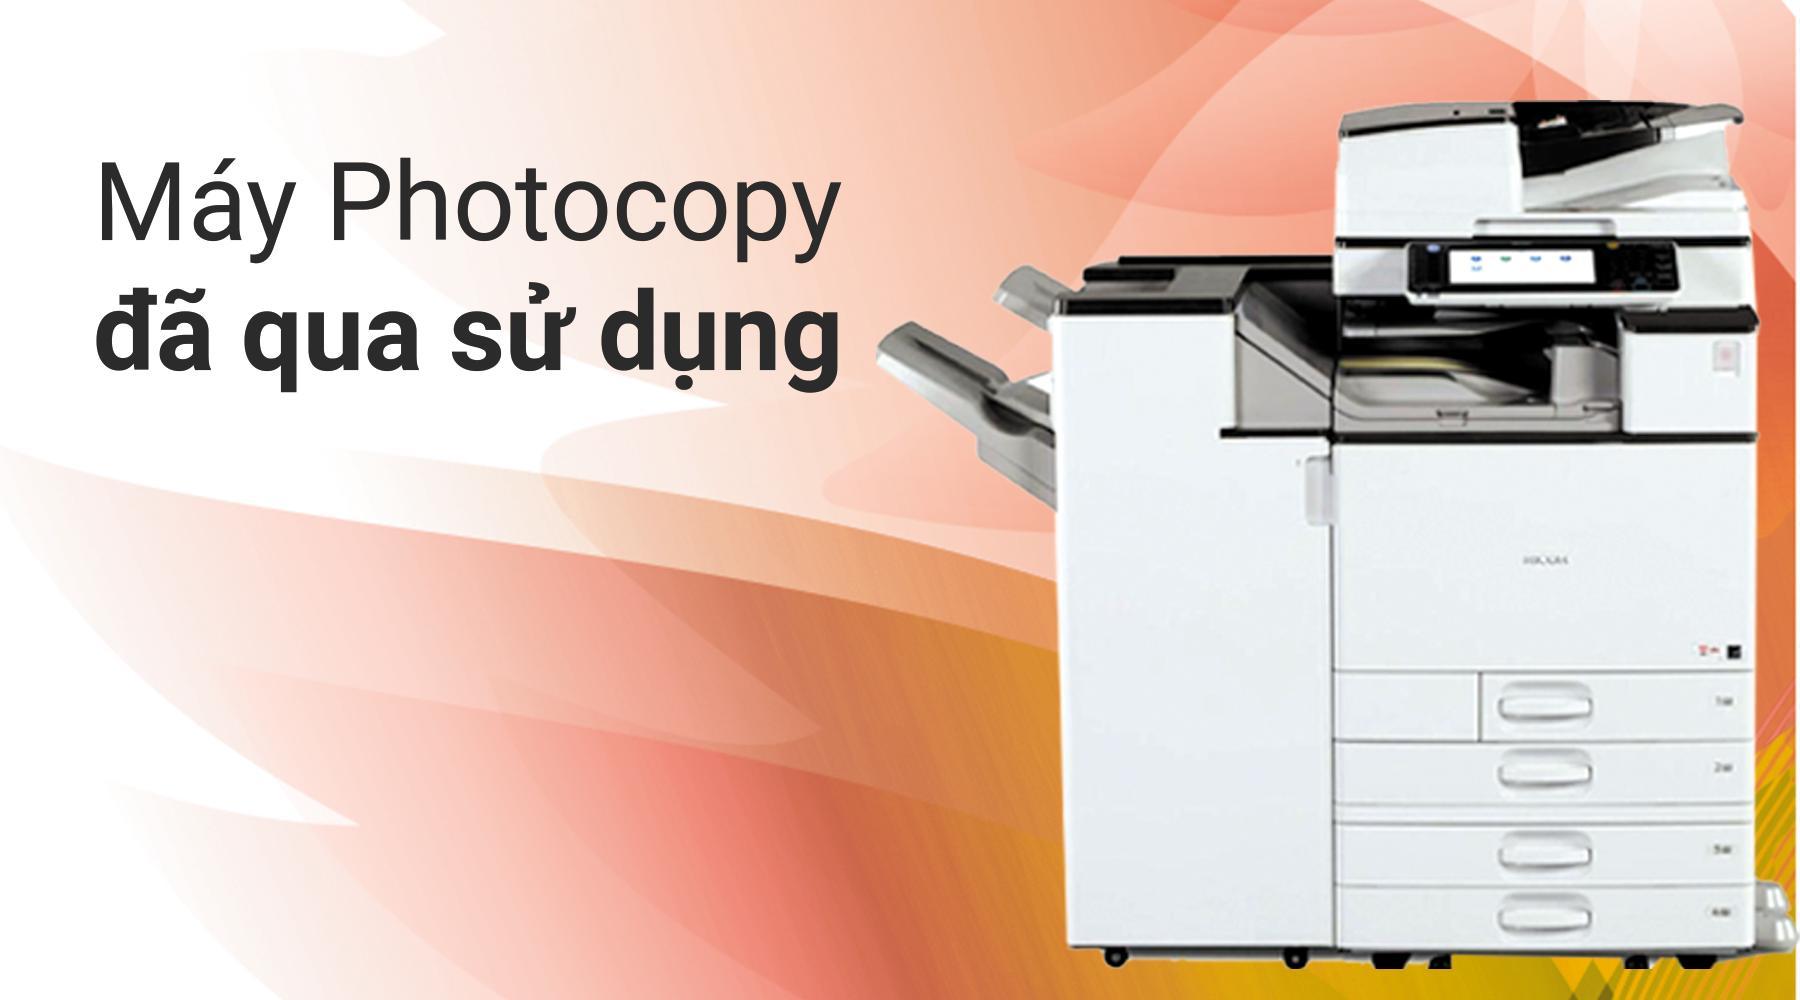 Máy Photocopy đã qua sử dụng nhập khẩu